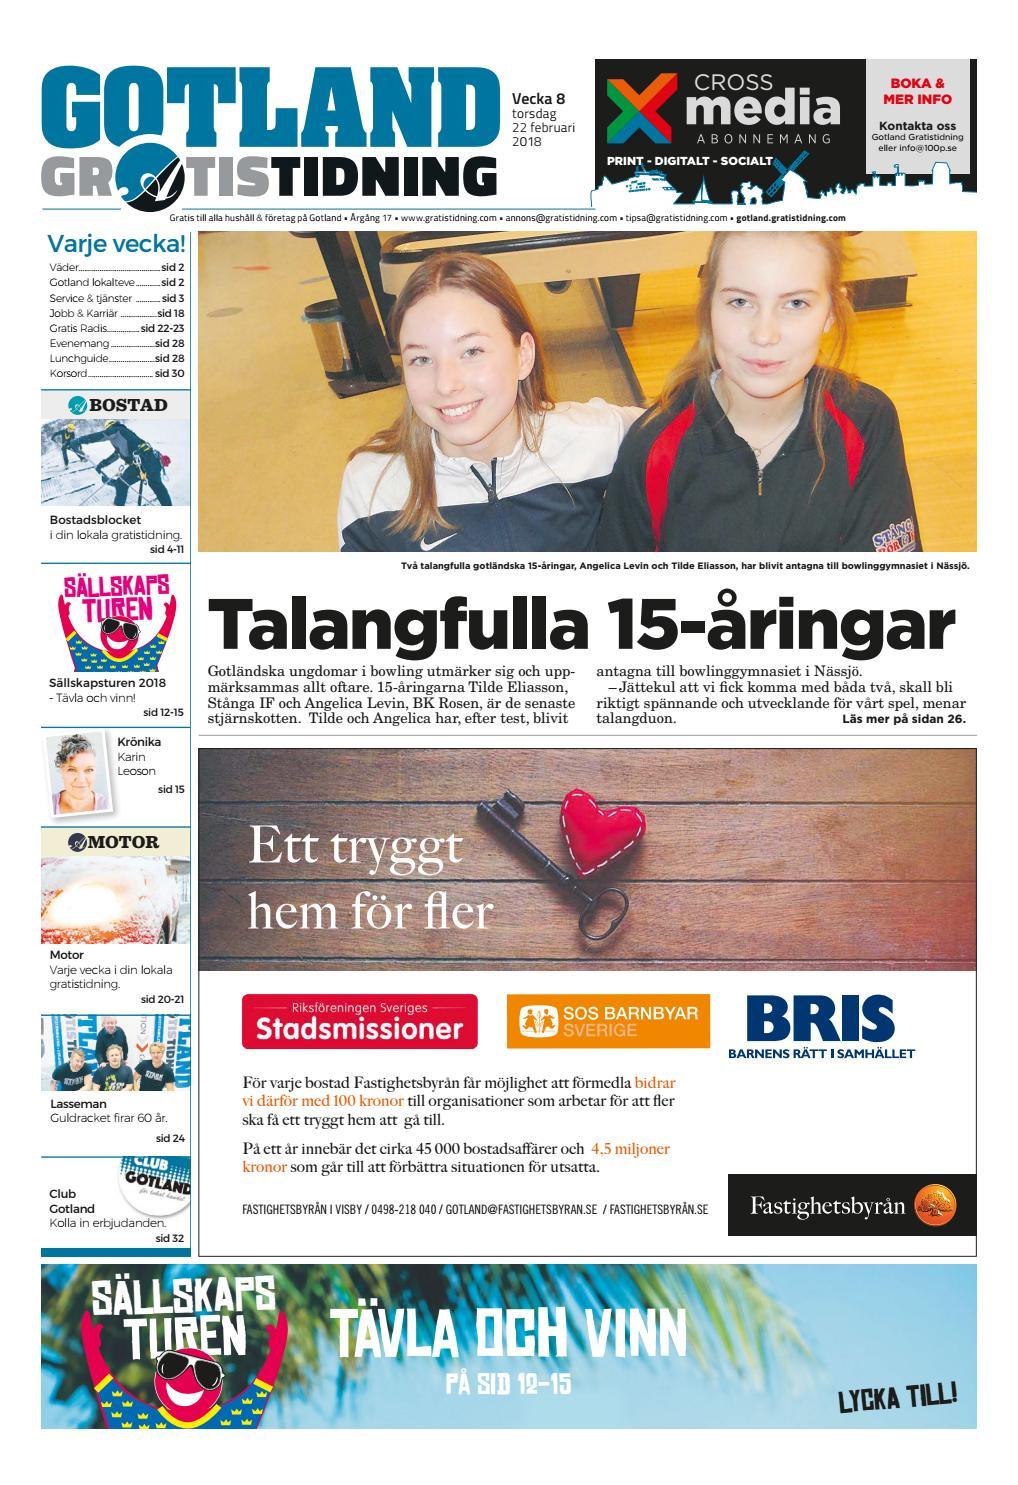 971876e1ca0 Gotland Gratistidning by Svenska Civildatalogerna AB - issuu